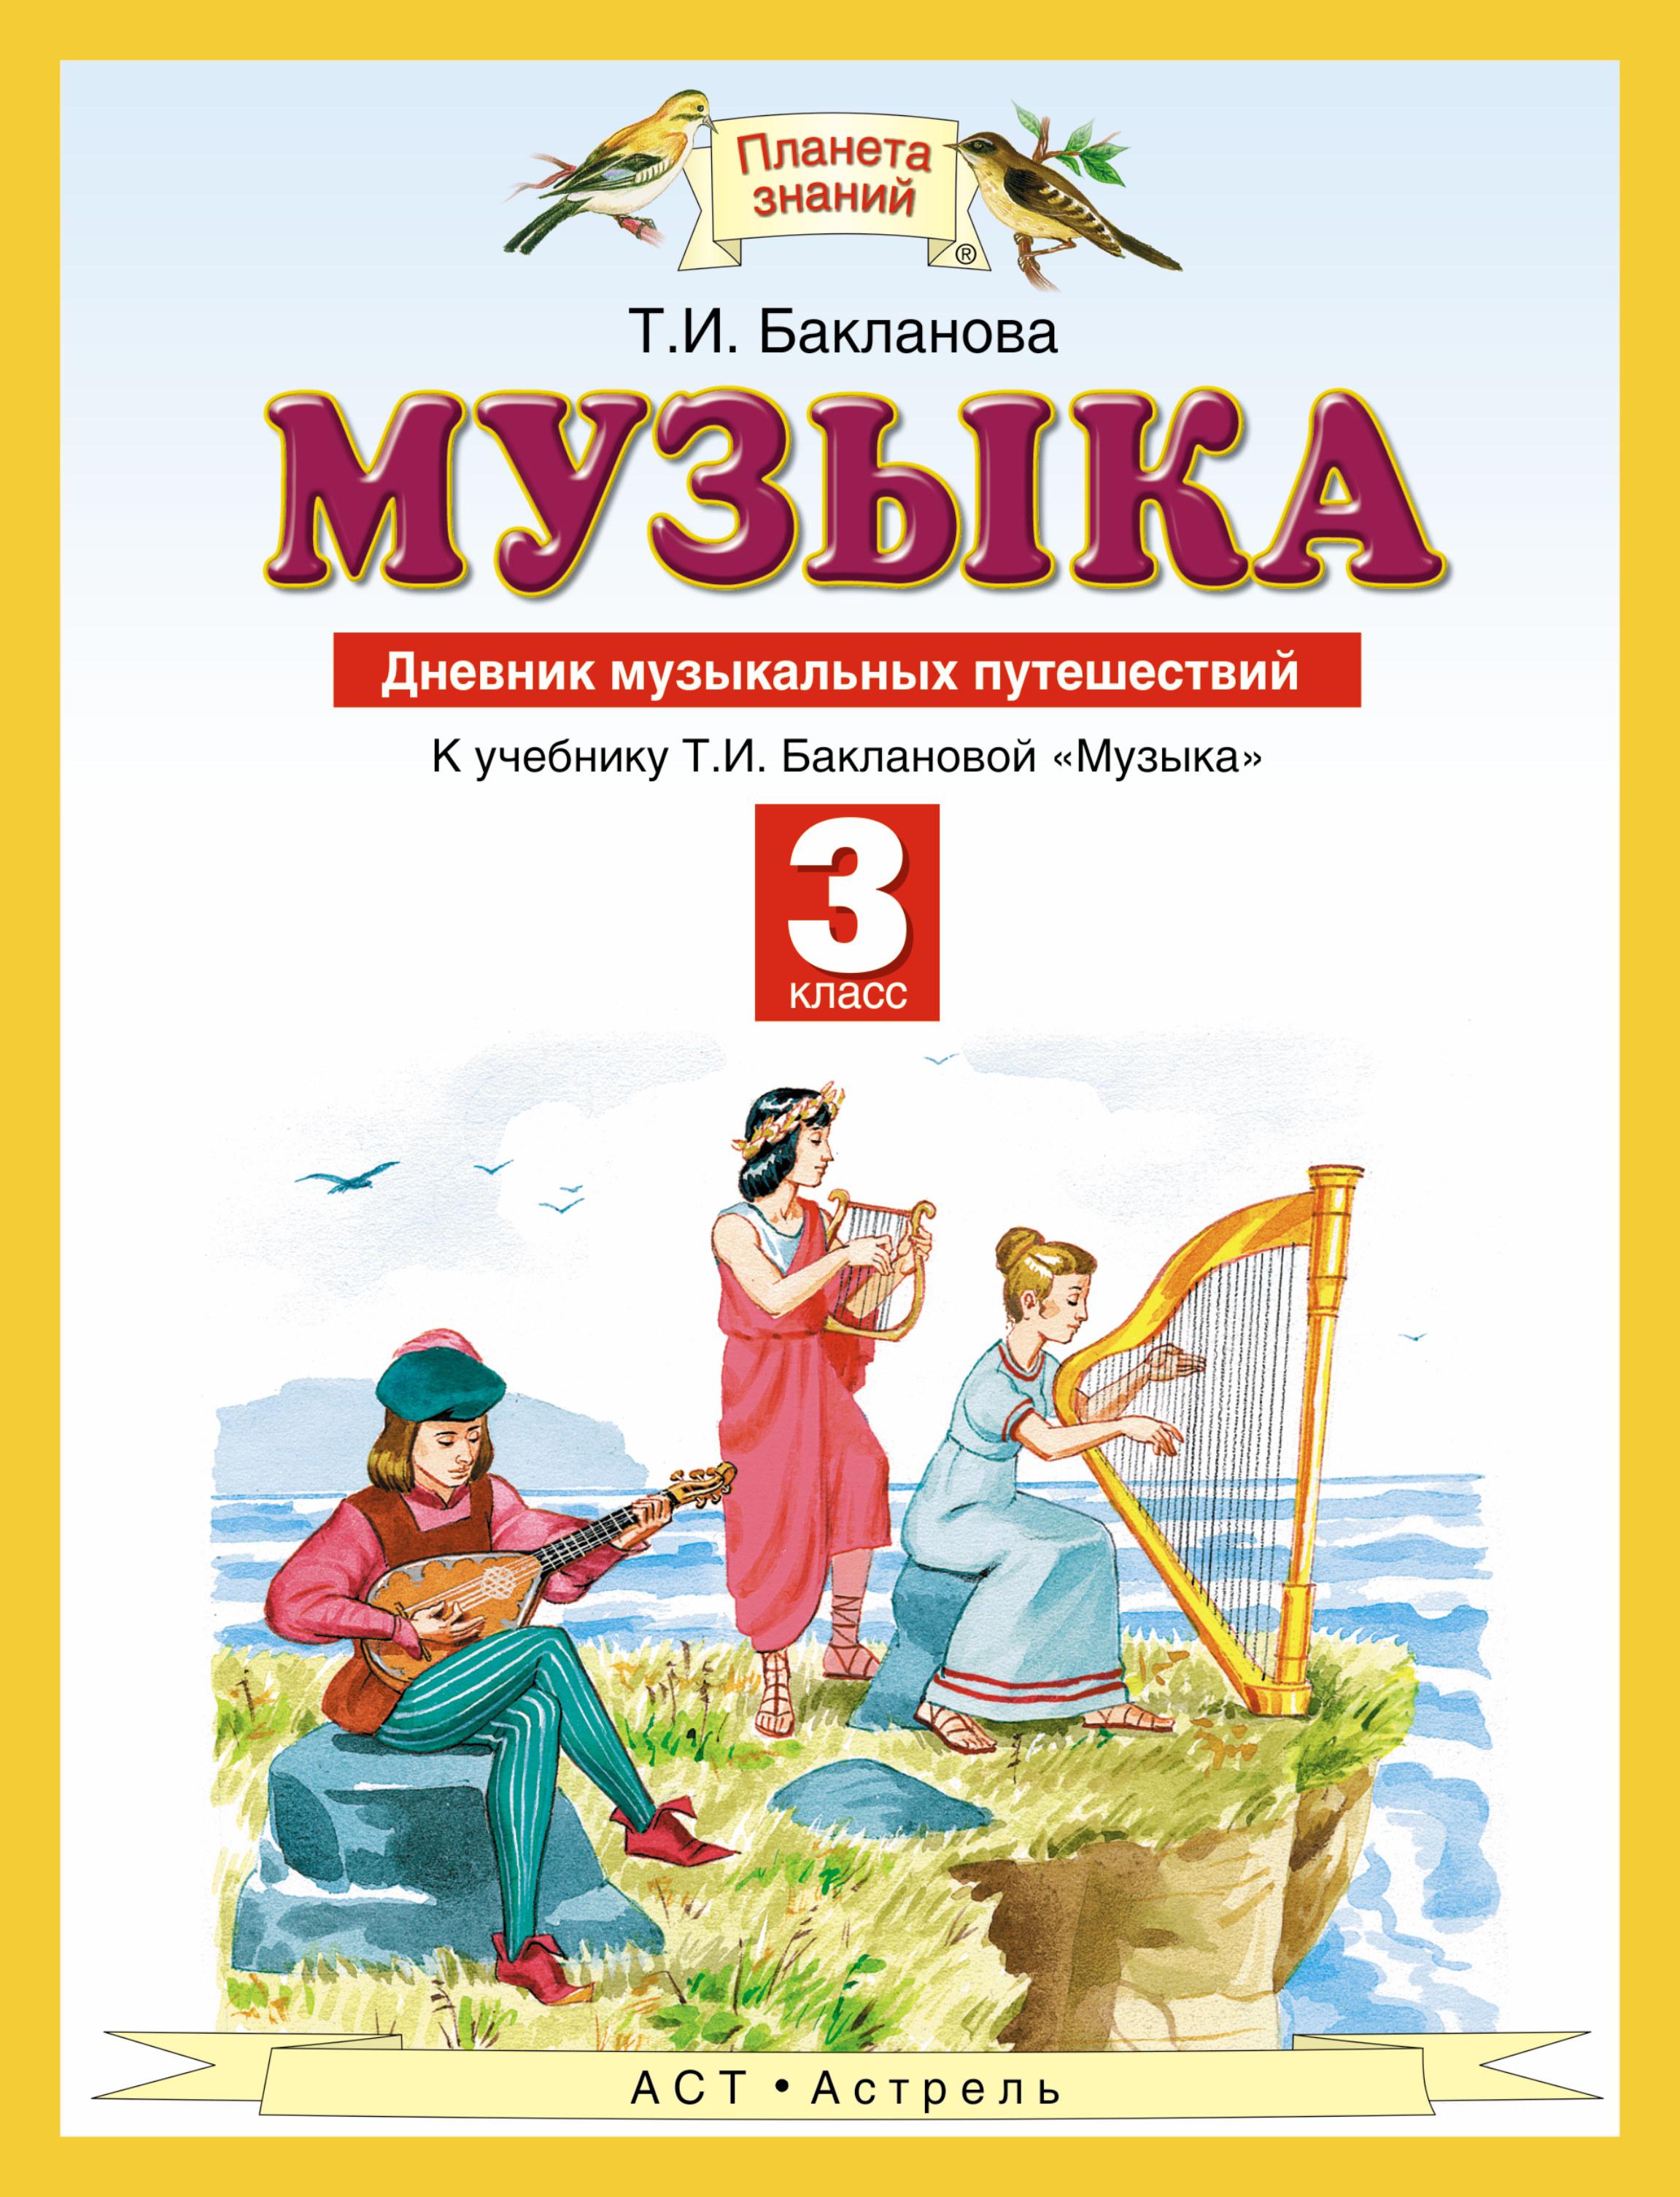 Музыка. 3 класс. Дневник музыкальных путешествий ( Бакланова Т.И.  )